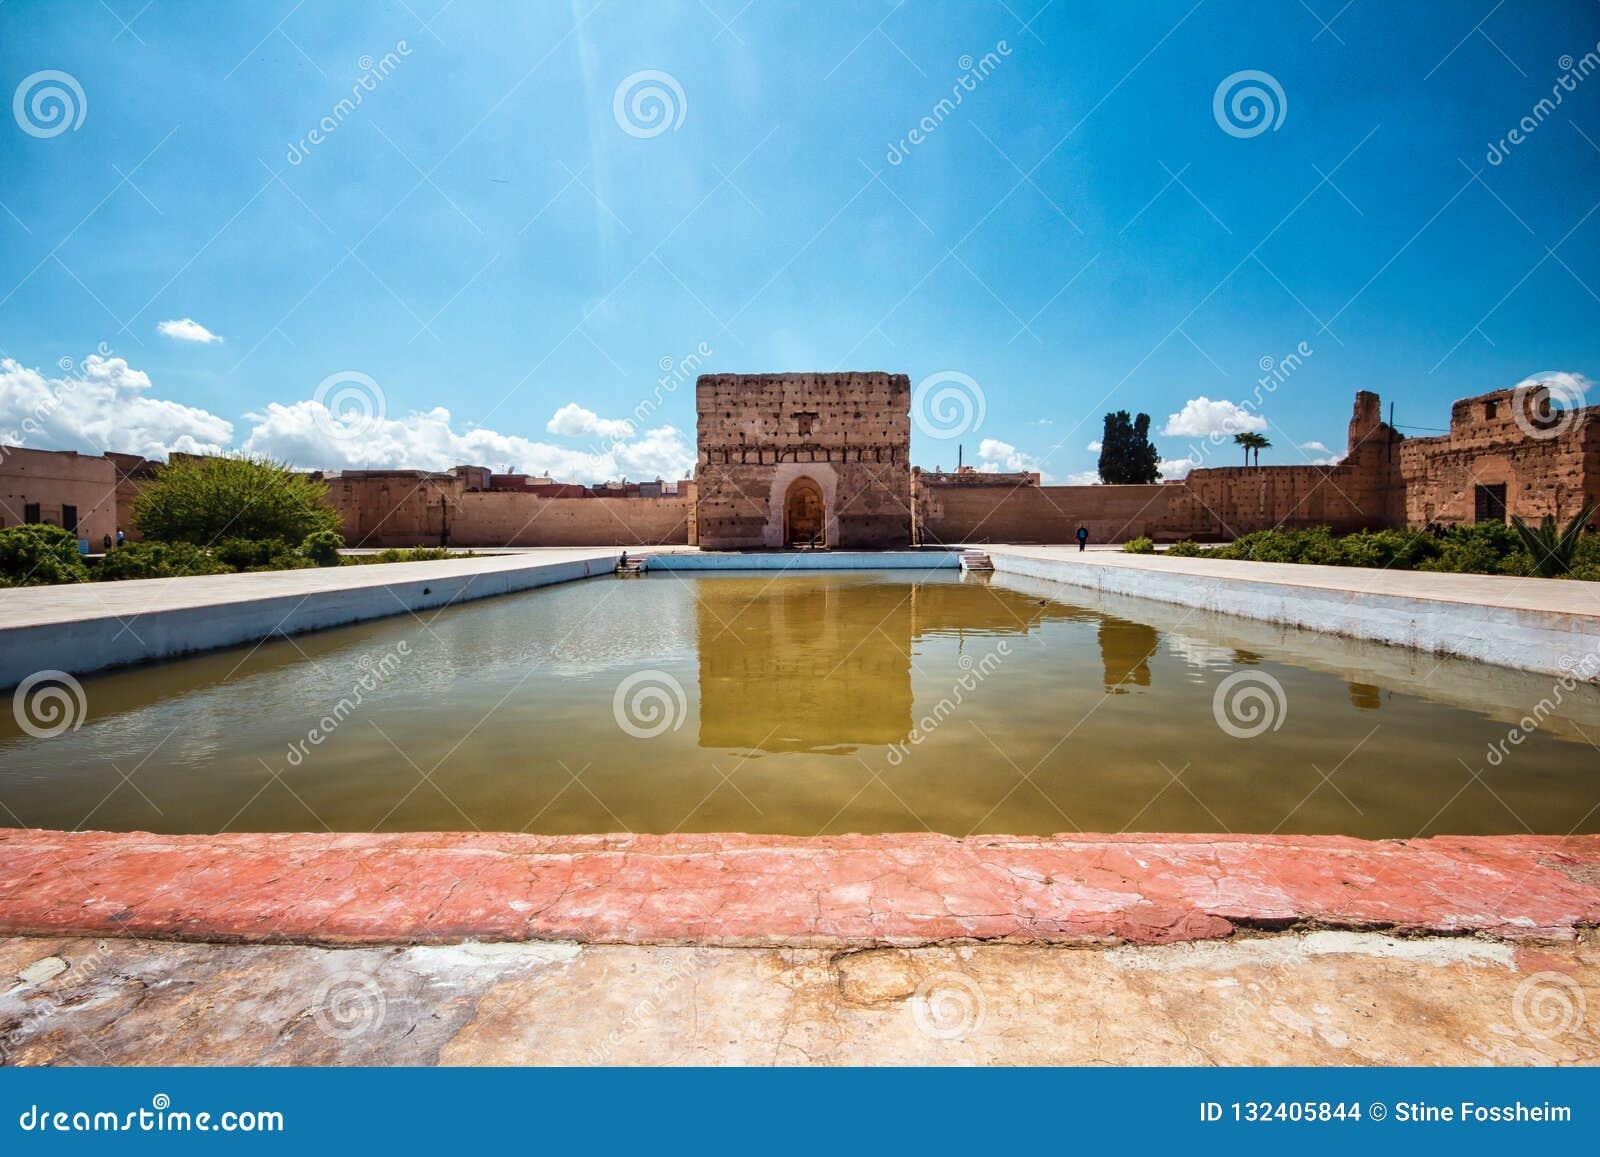 El Badi Palace, Marrakech, Marocco